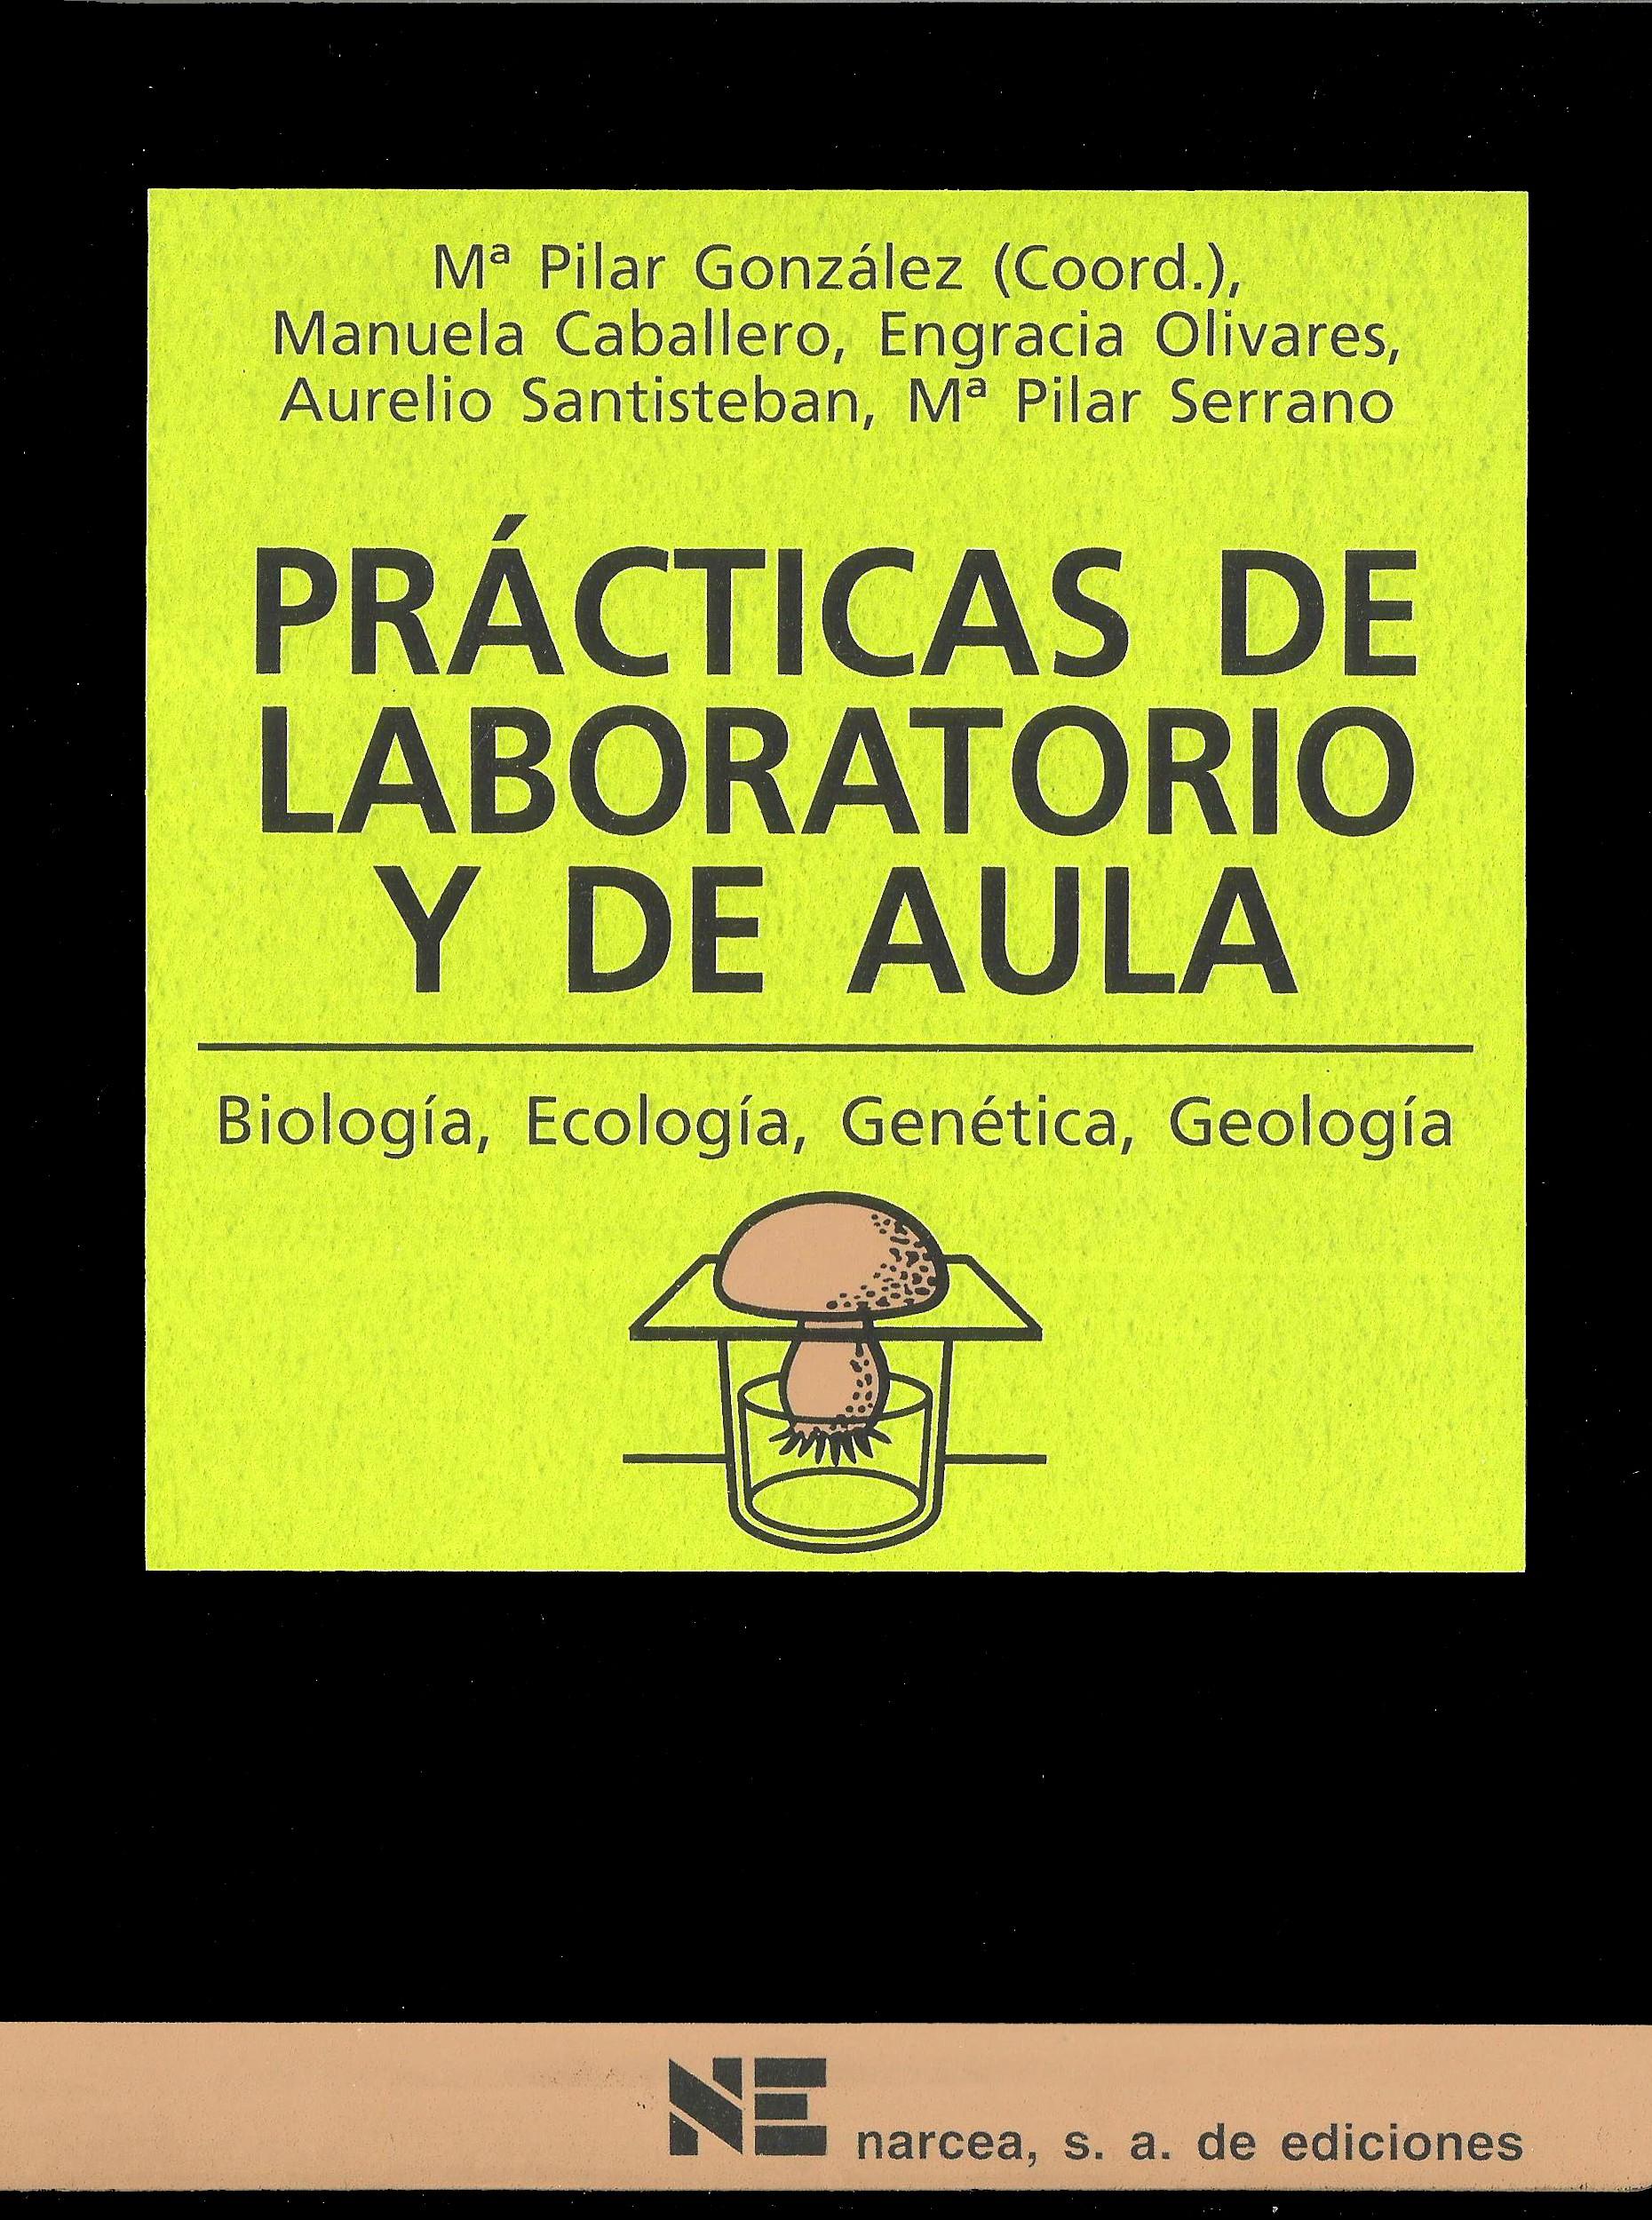 Prácticas de laboratorio y de aula